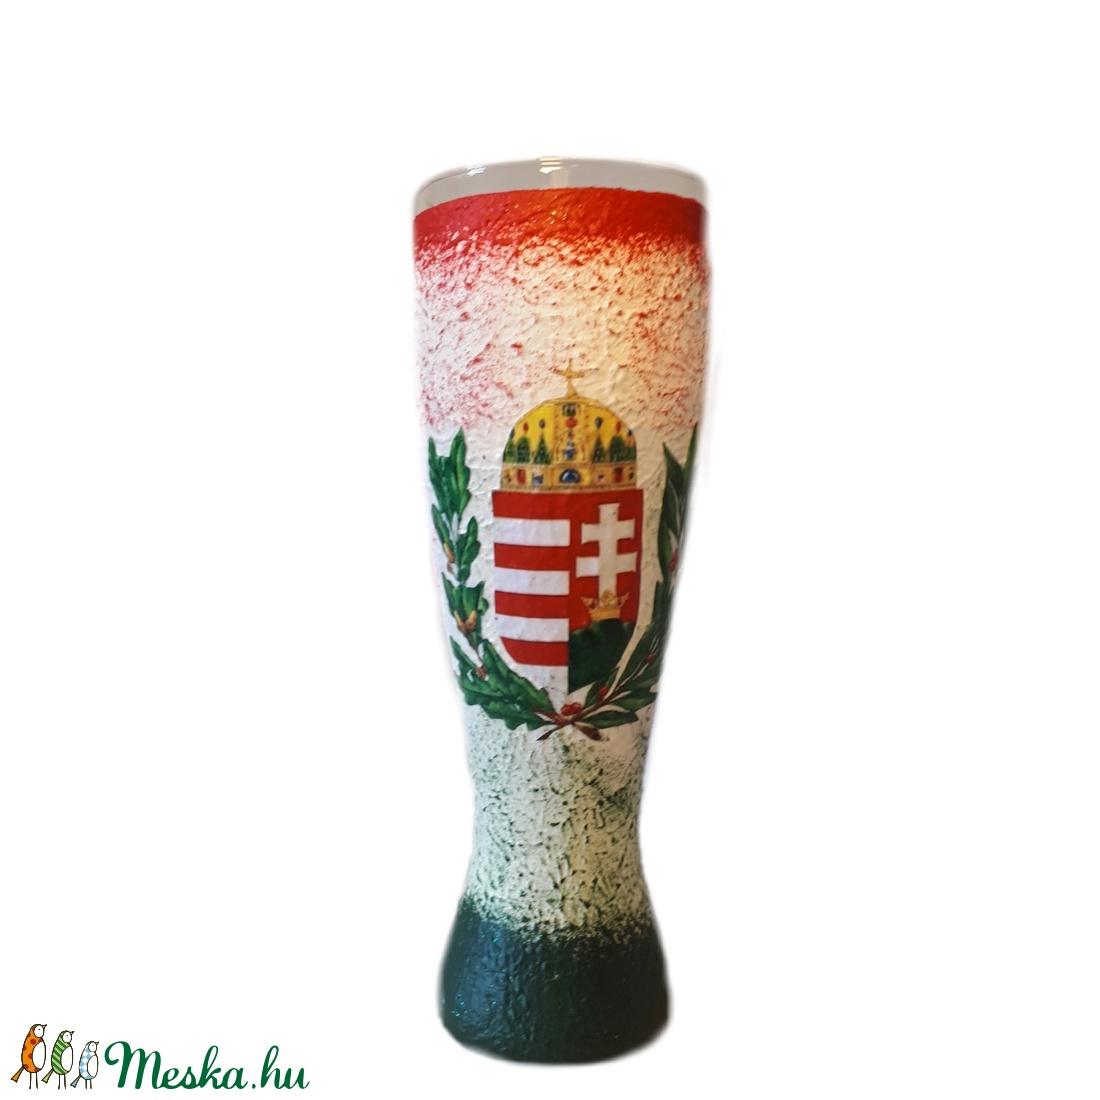 Piros-fehér-zöld mintás, címeres magyaros dísz-és használati sörös pohár nászajándékba, évfordulóra (Biborvarazs) - Meska.hu